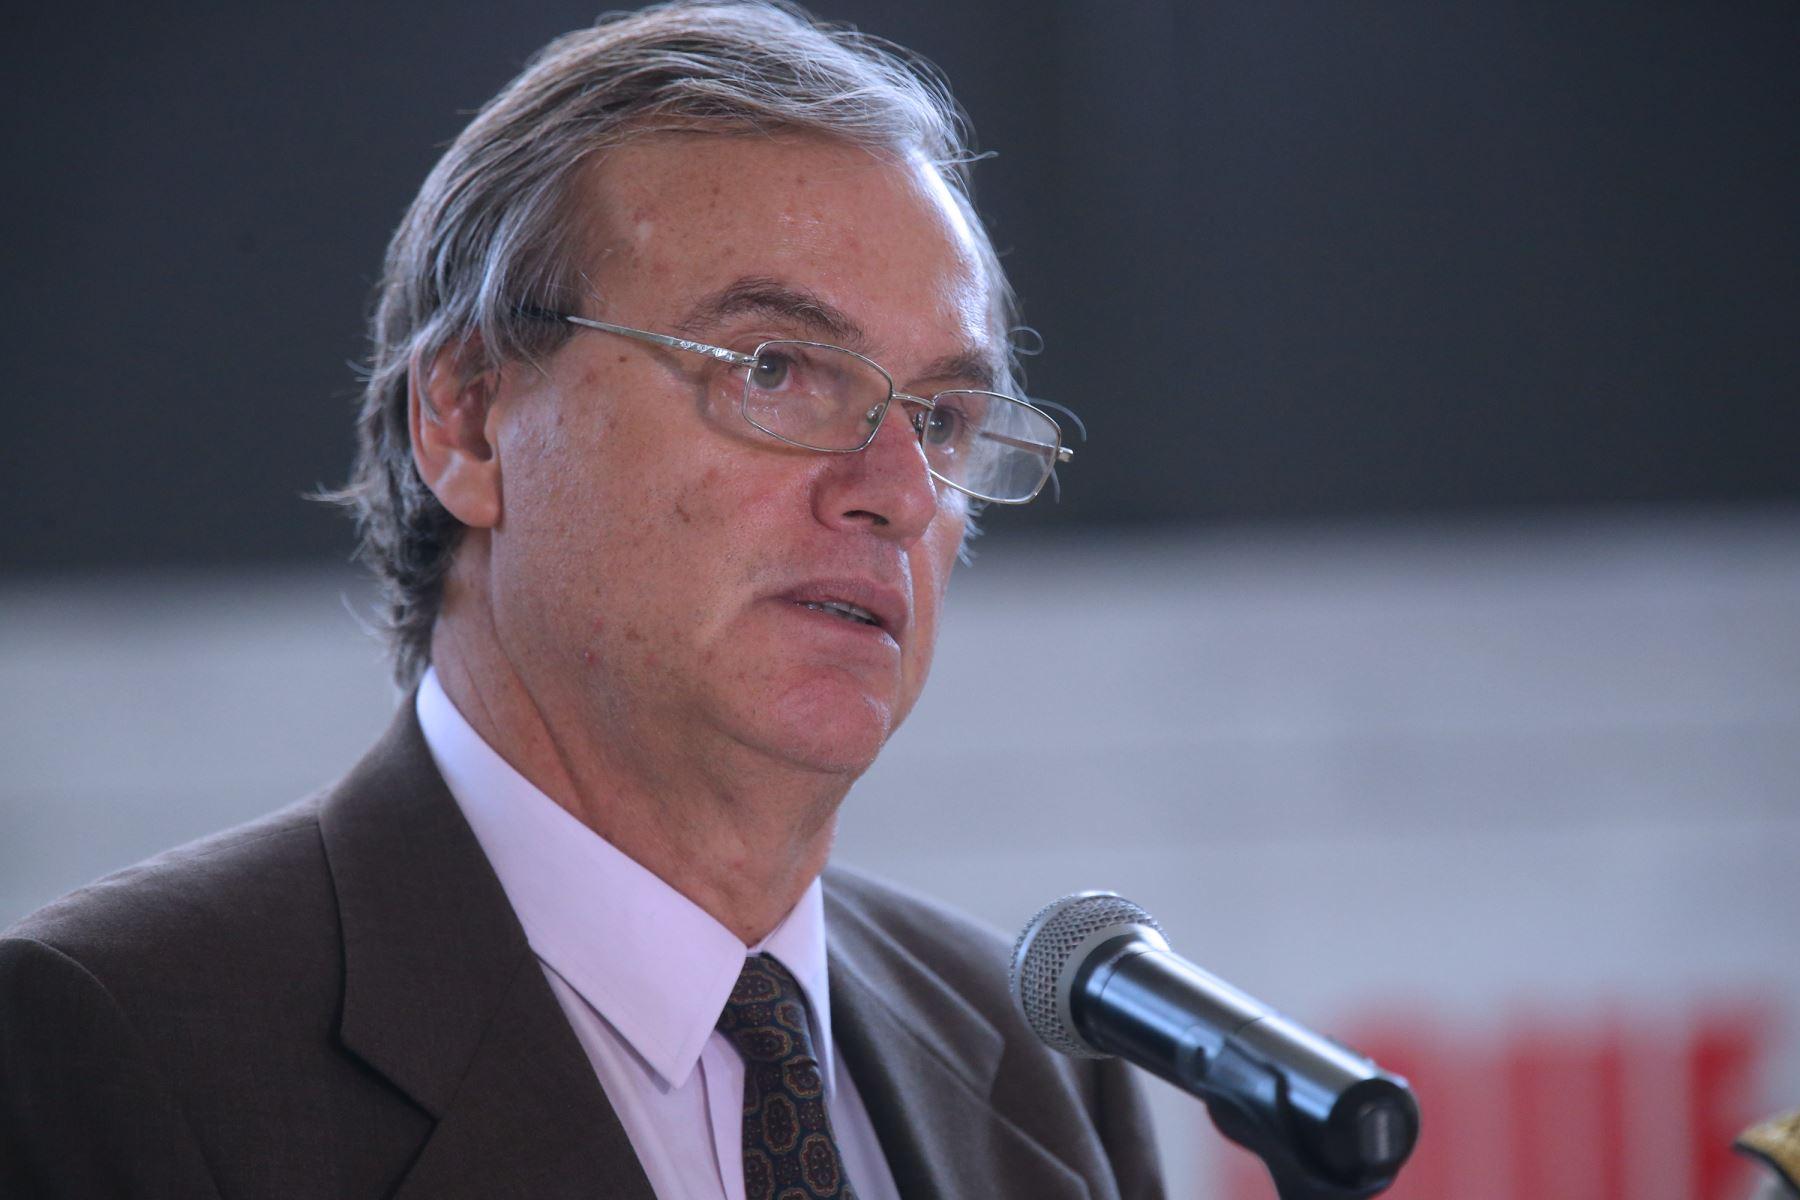 ministro del interior presentar plan contra la